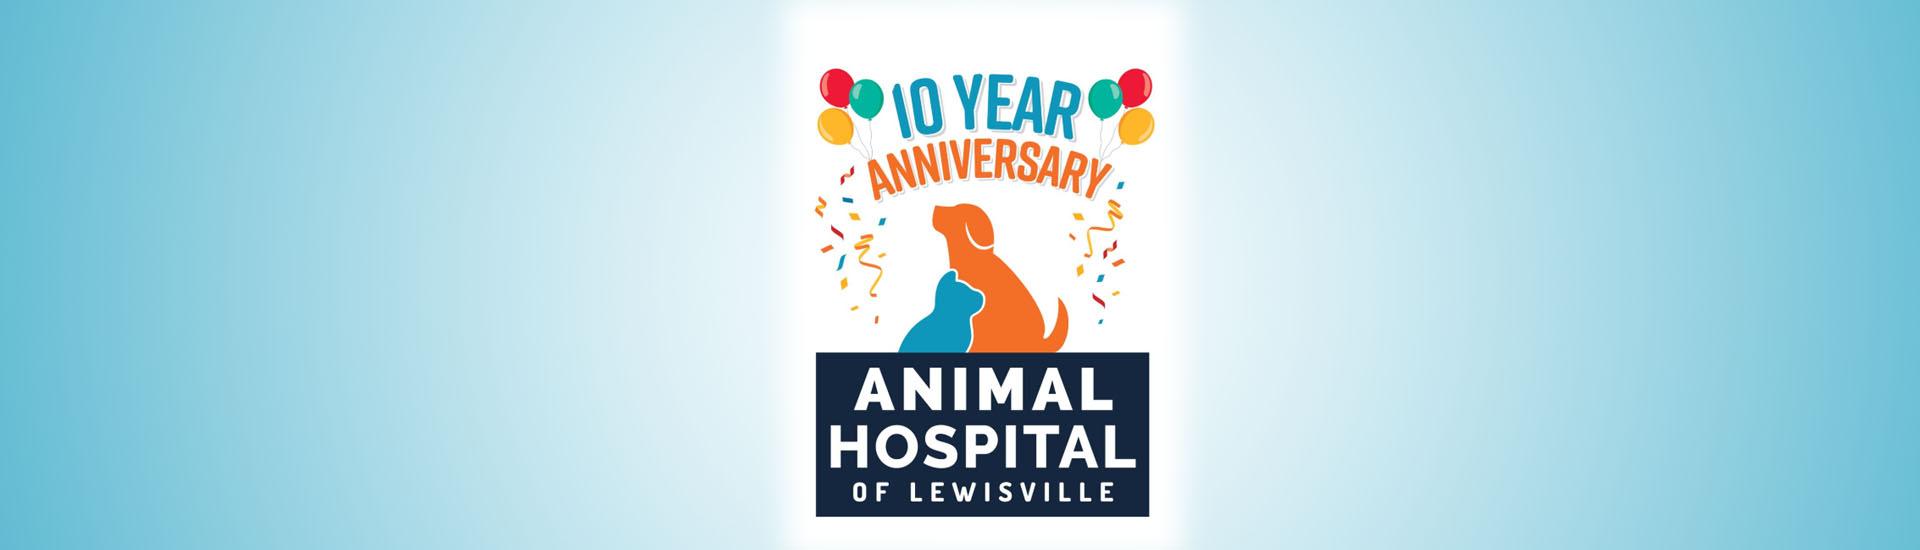 10 year logo confetti copy